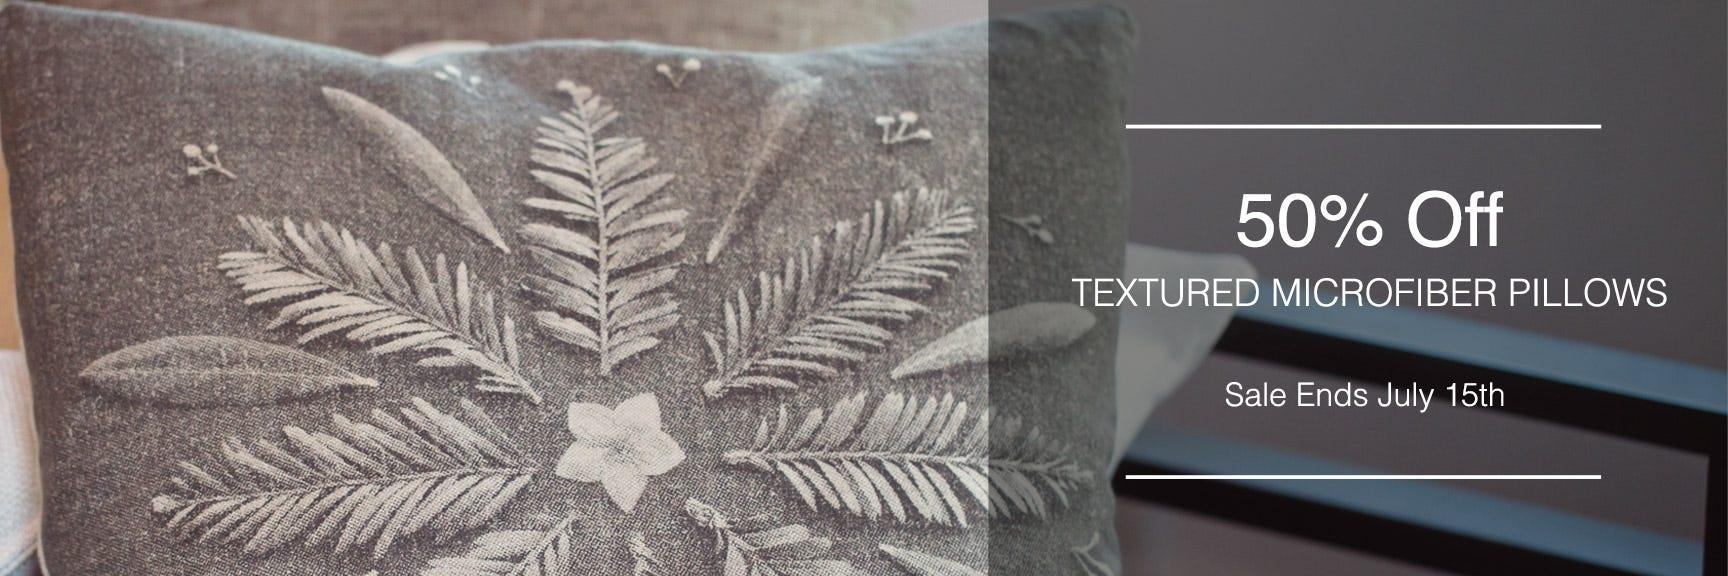 Textured Microfiber Pillows